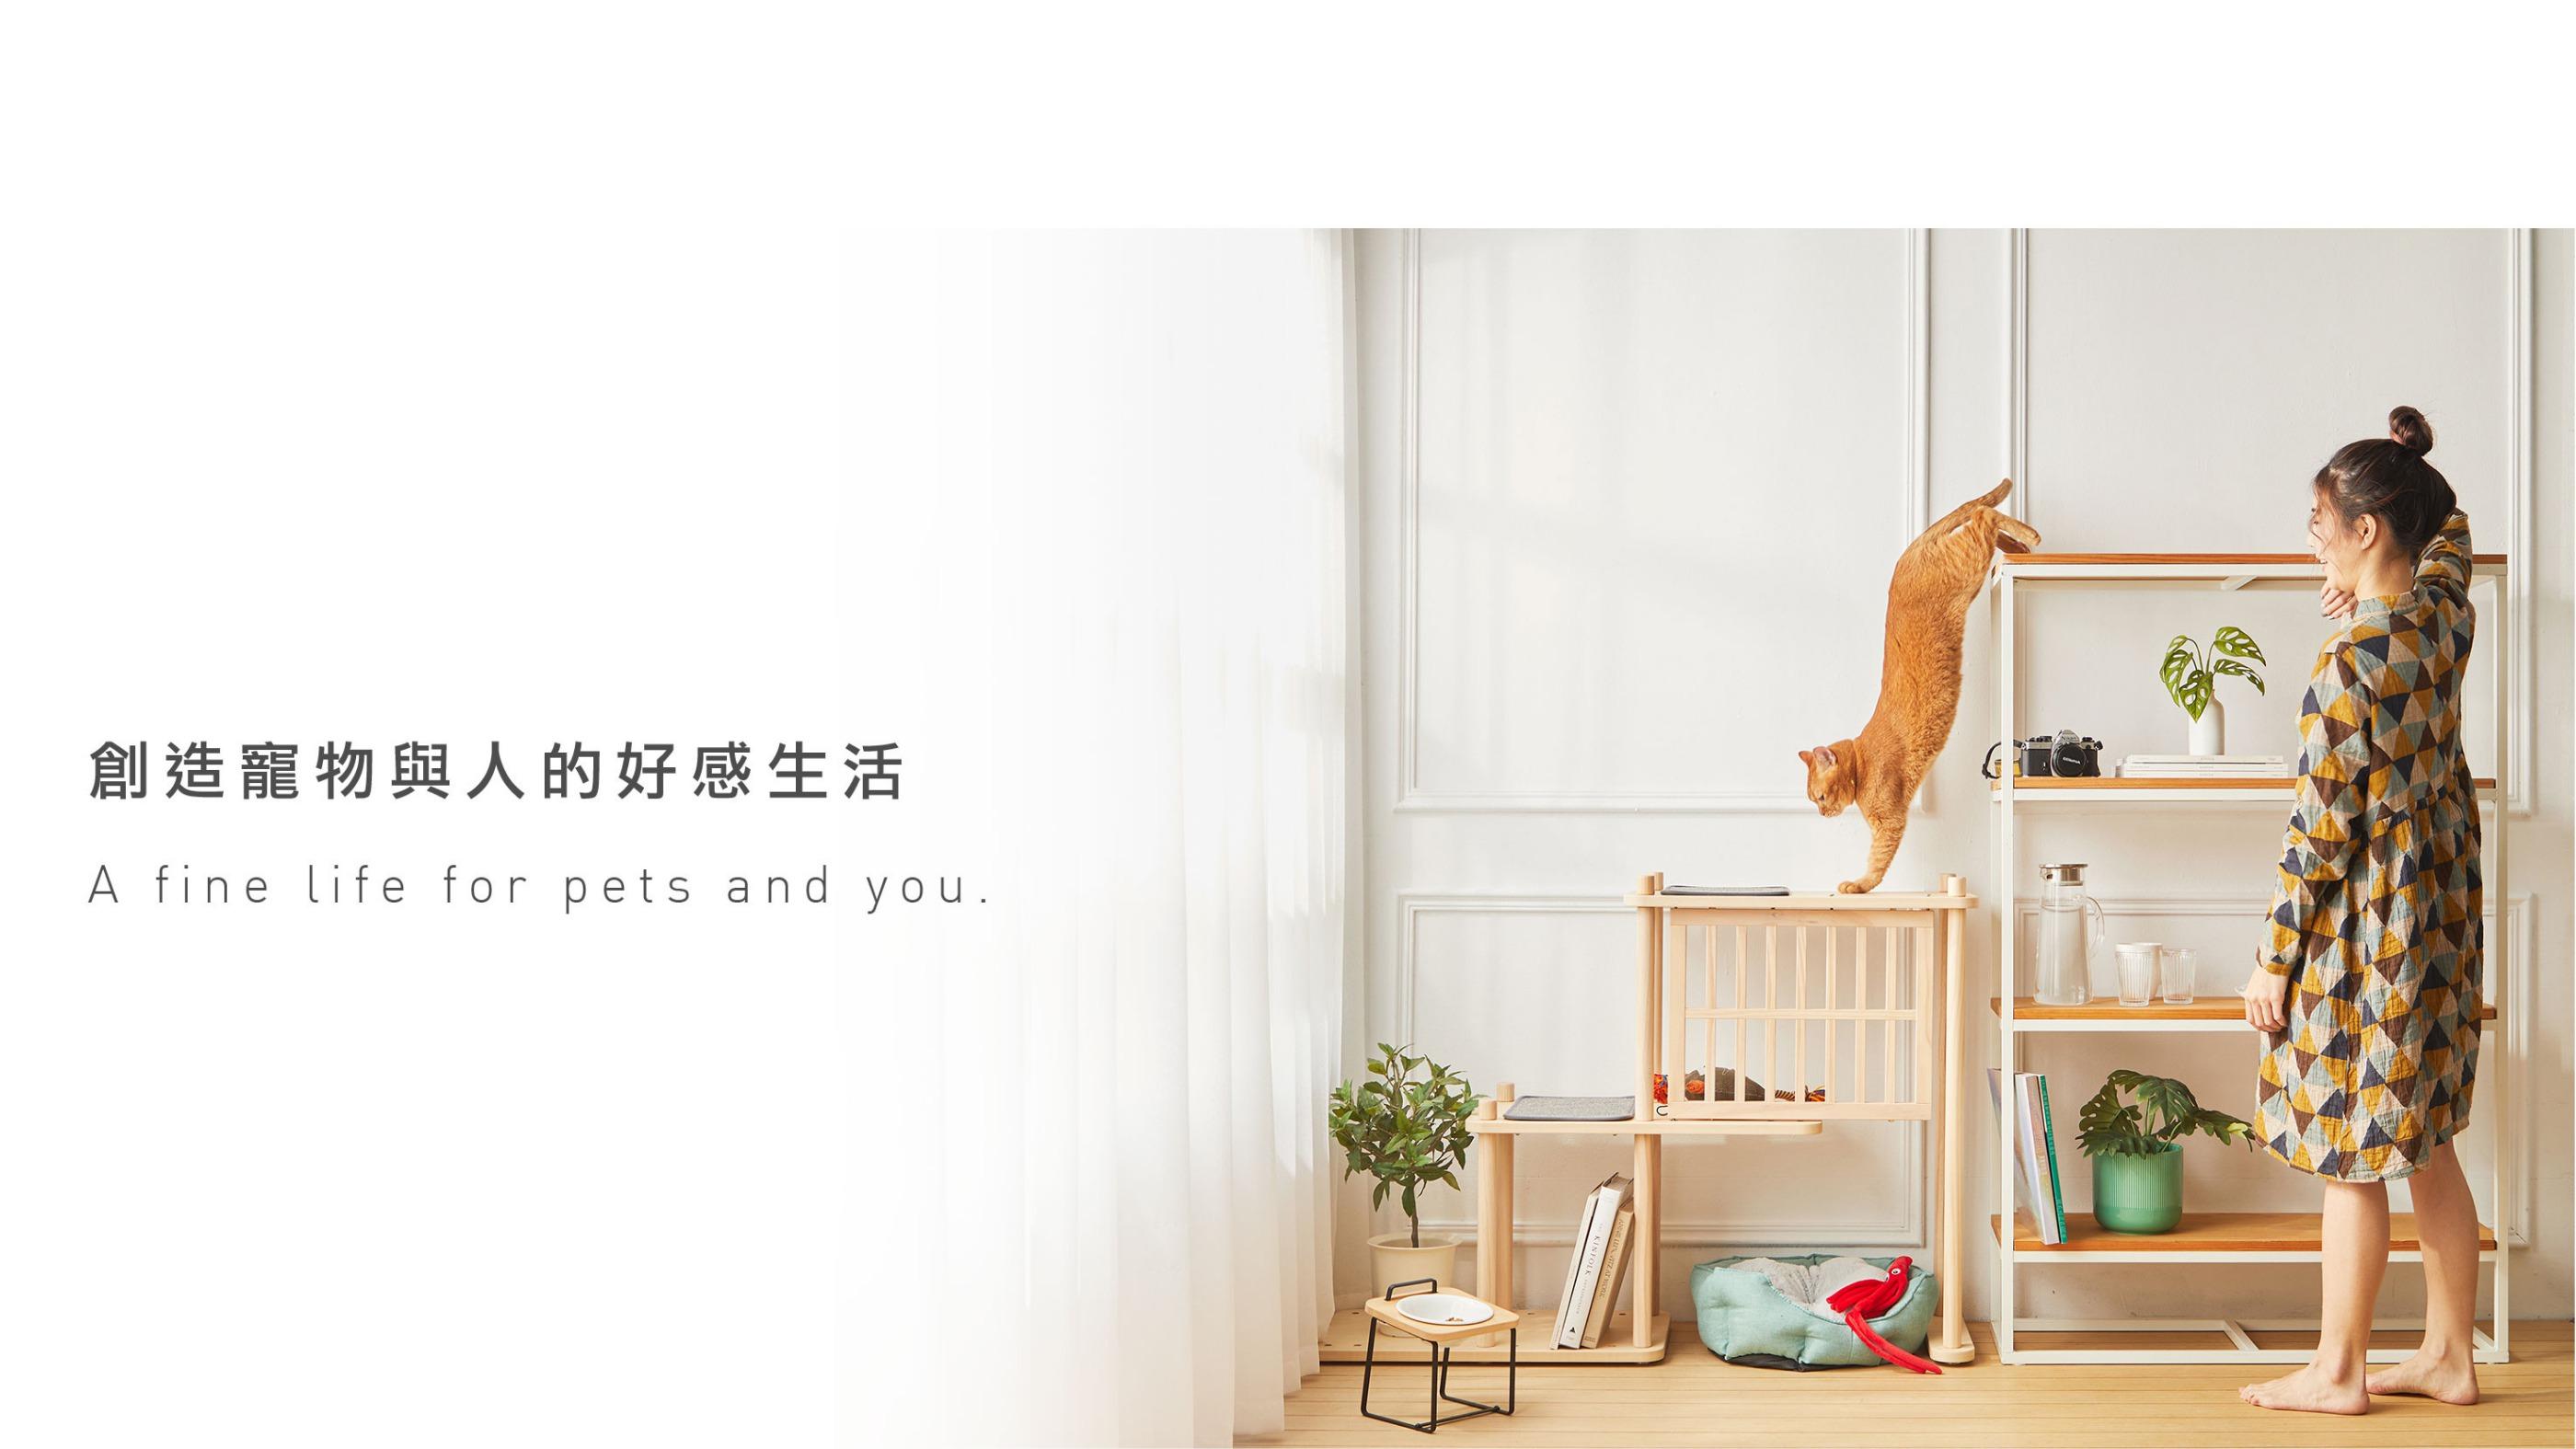 設計師品牌 - 拍拍 寵物用品